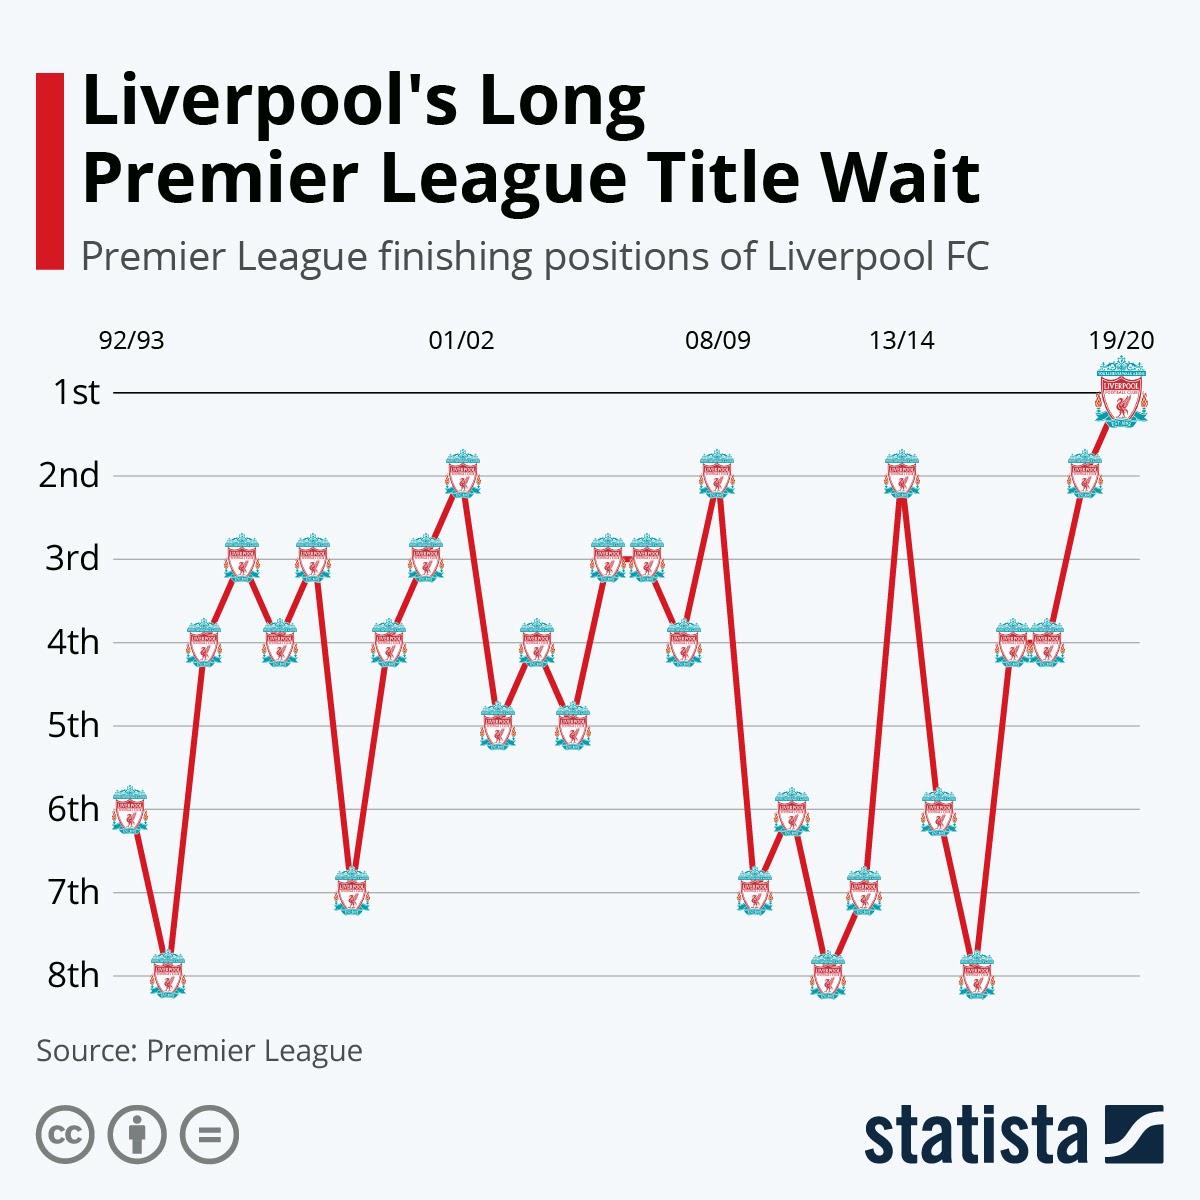 Liverpool's Long Premier League Title Wait #infographic